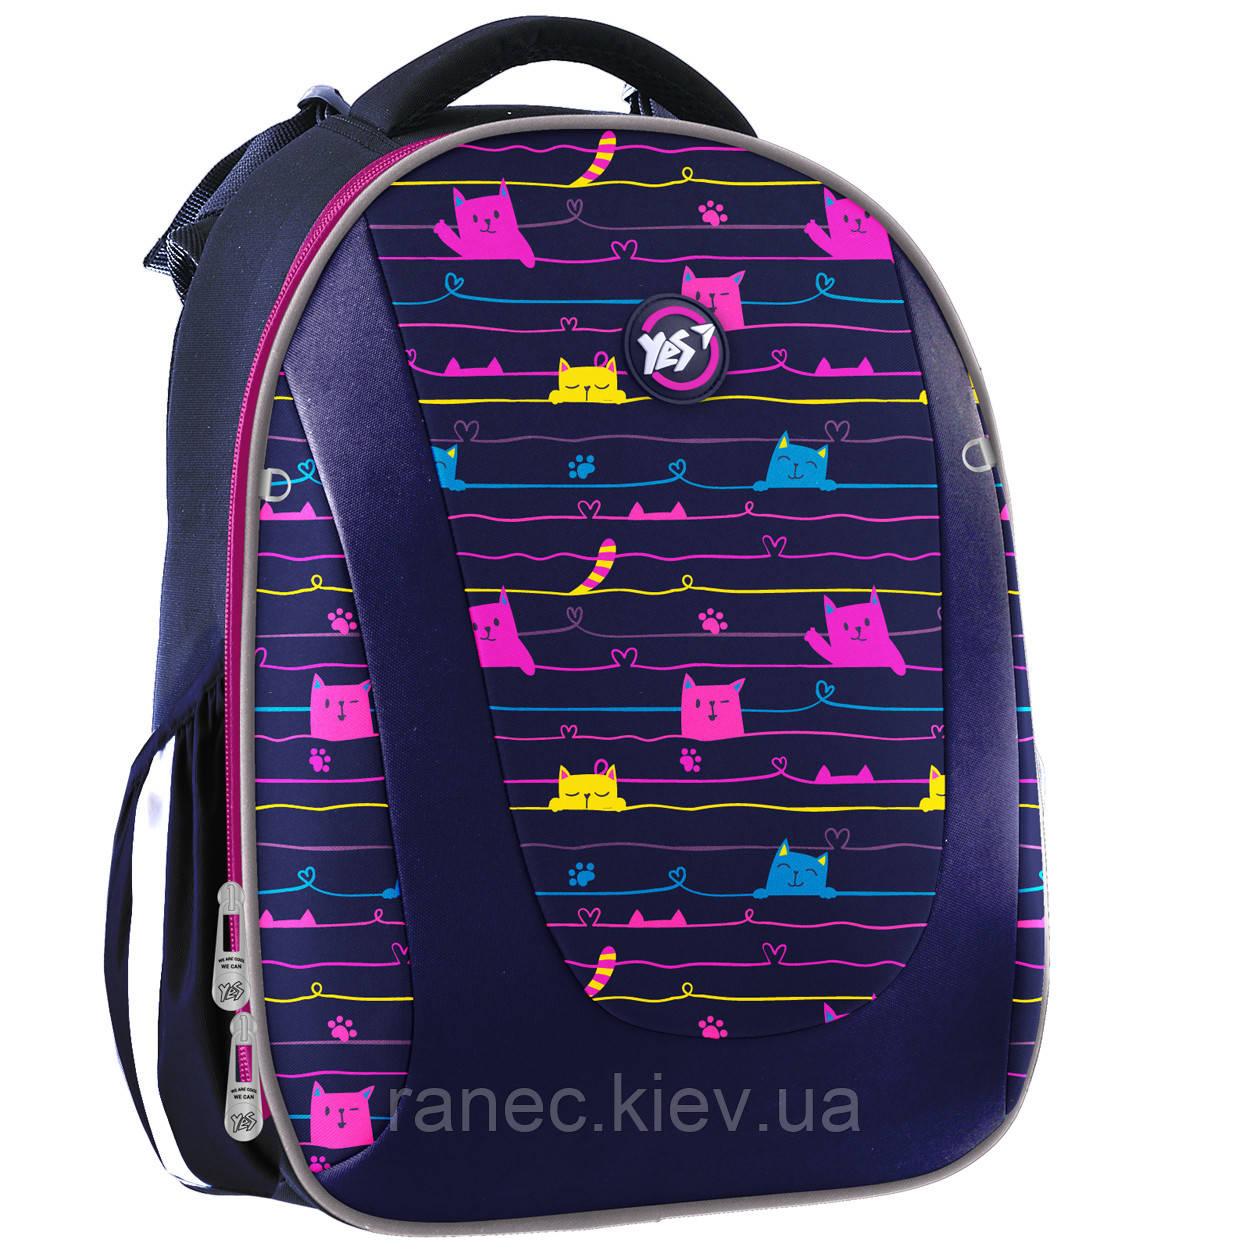 Рюкзак школьный каркасный YES H-28 Cats  558040